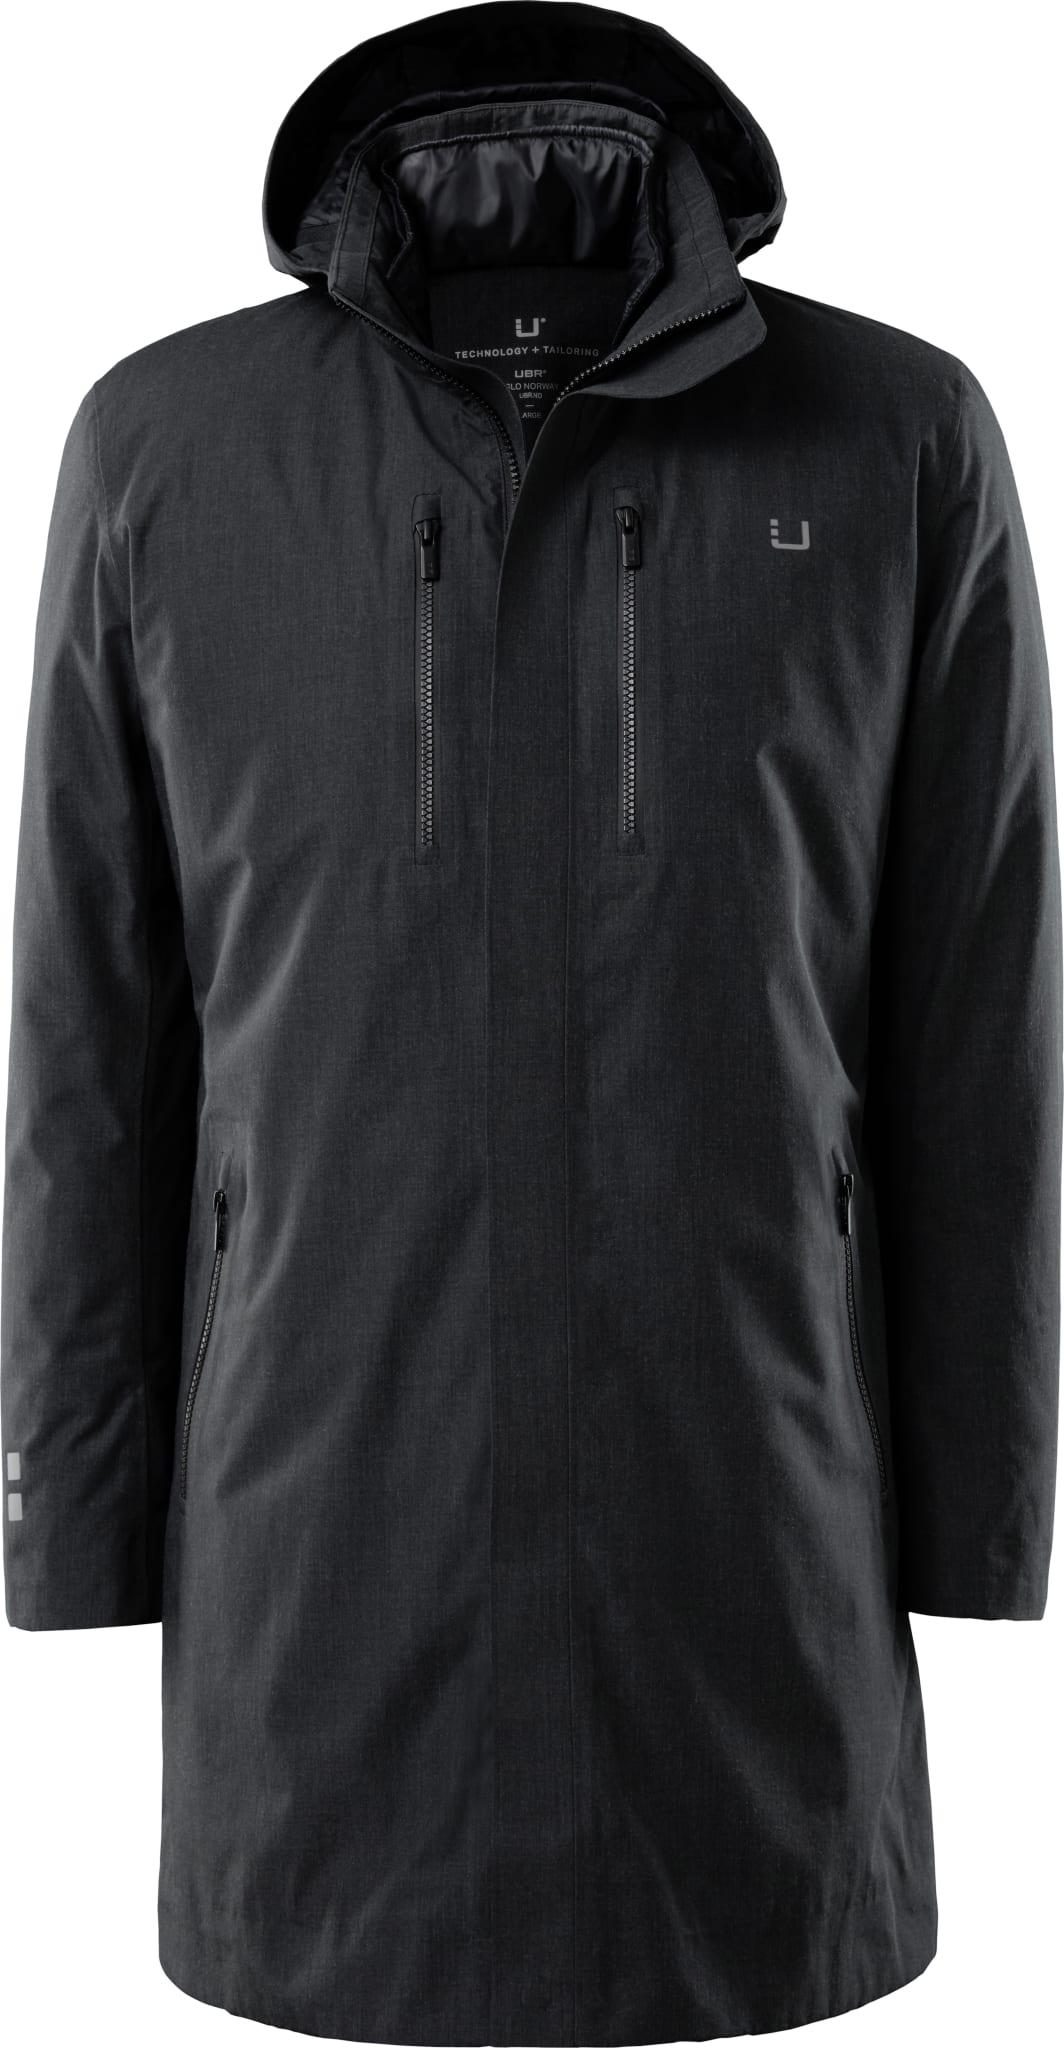 Black Storm Coat DELTA